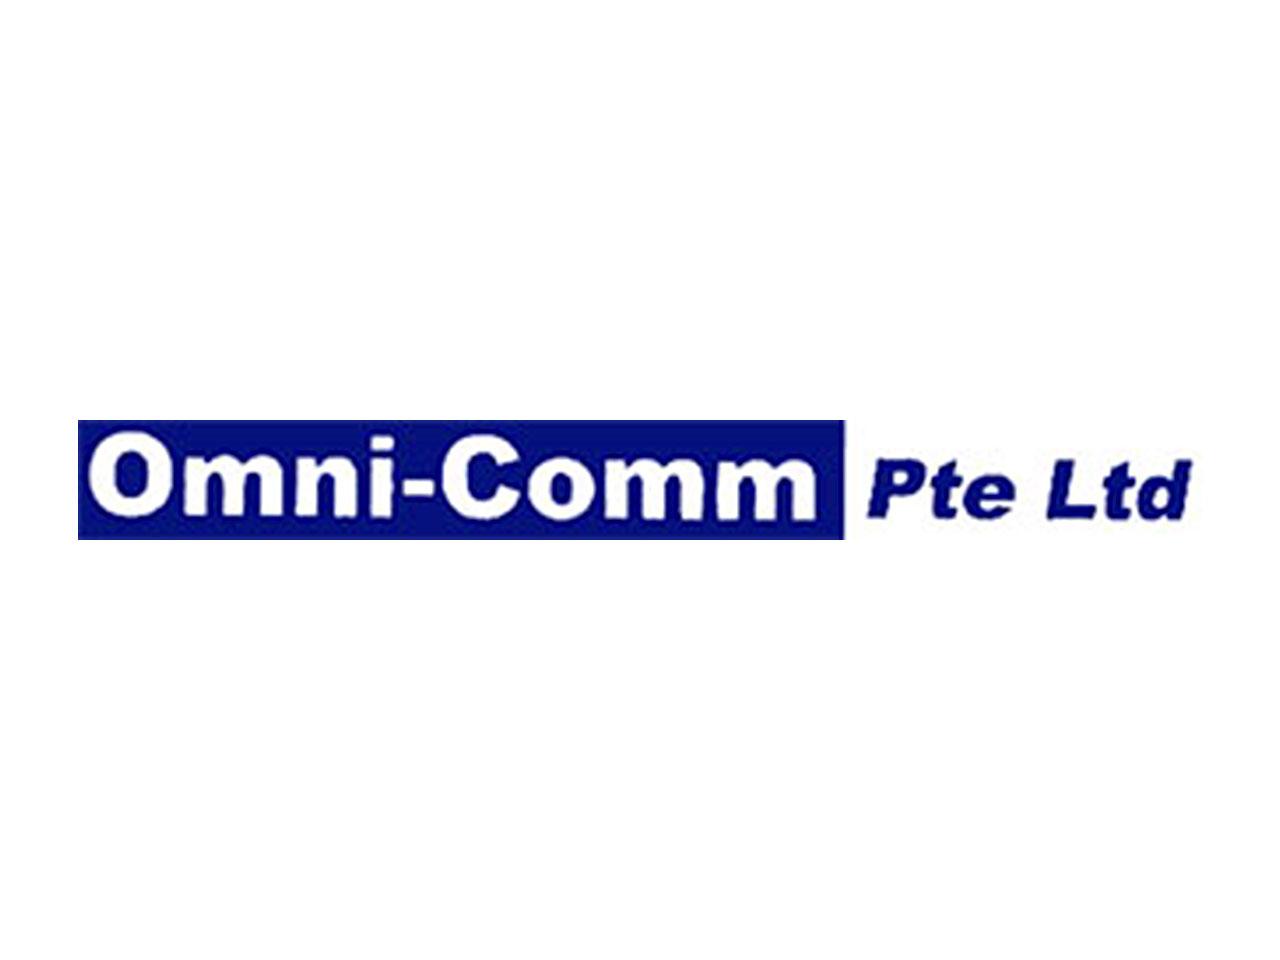 Omni-Comm Pte Ltd